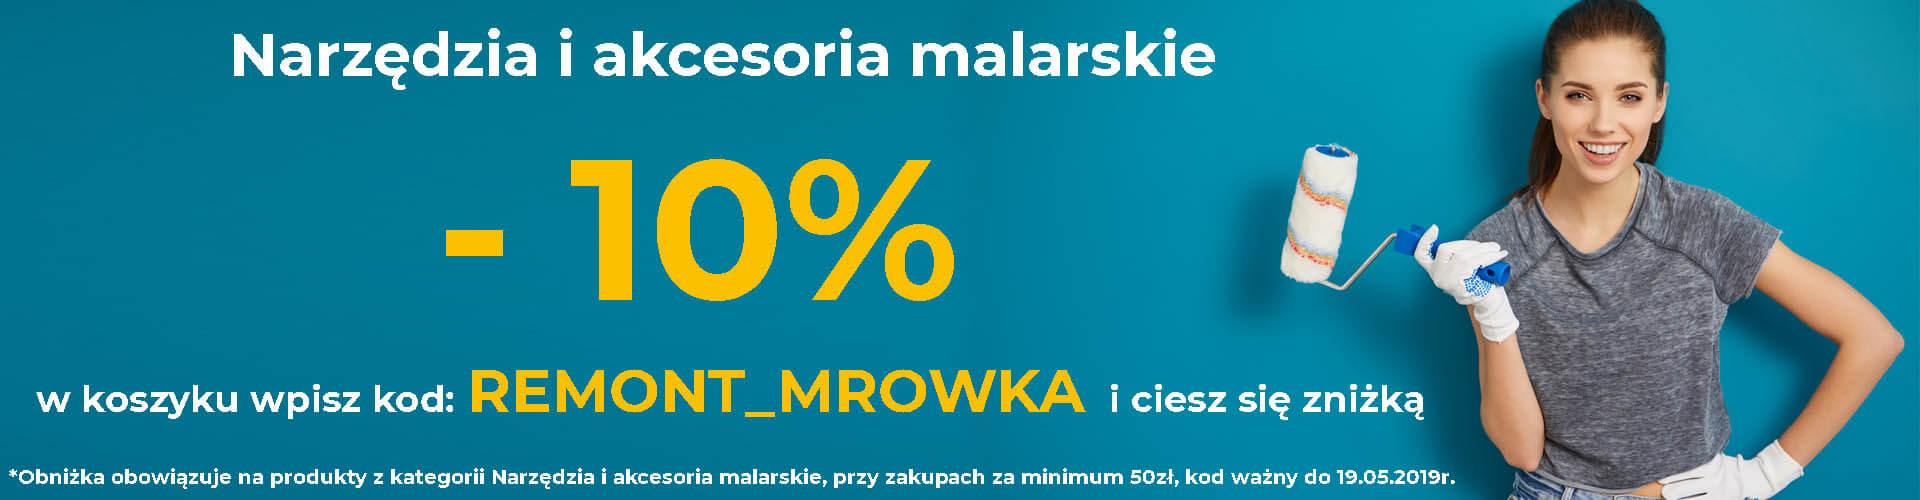 Narzędzia malarskie 10% taniej sklep online Mrówka